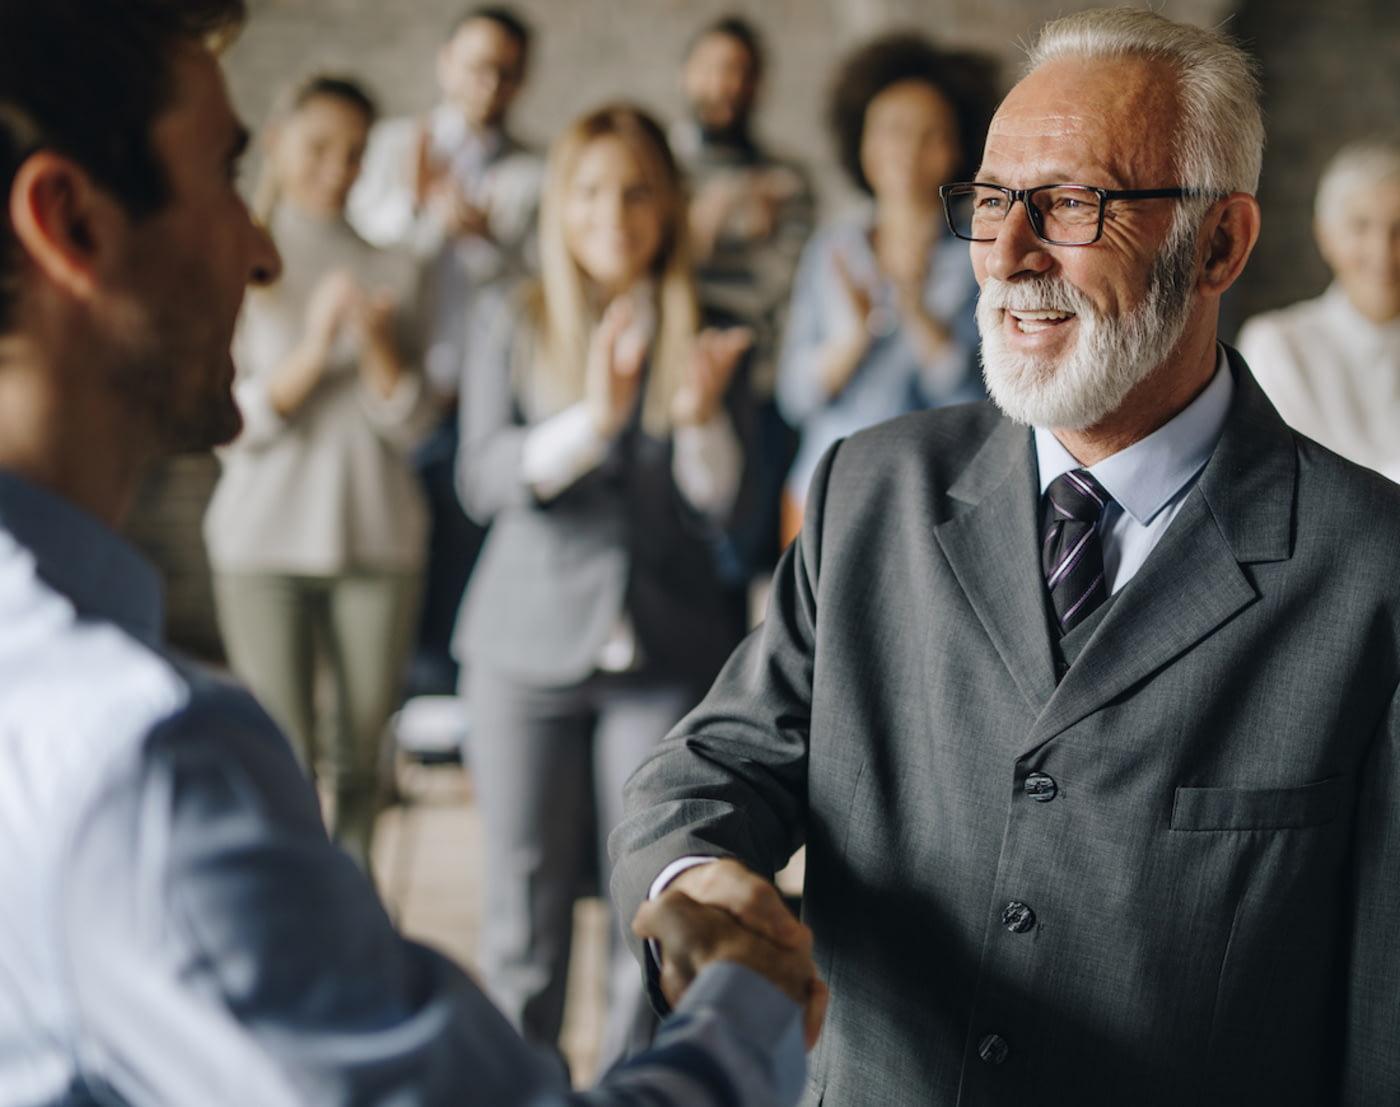 Älterer Mann wird von jüngerem Mann in den Ruhestand verabschiedet, im Hintergrund klatschen die Kollegen